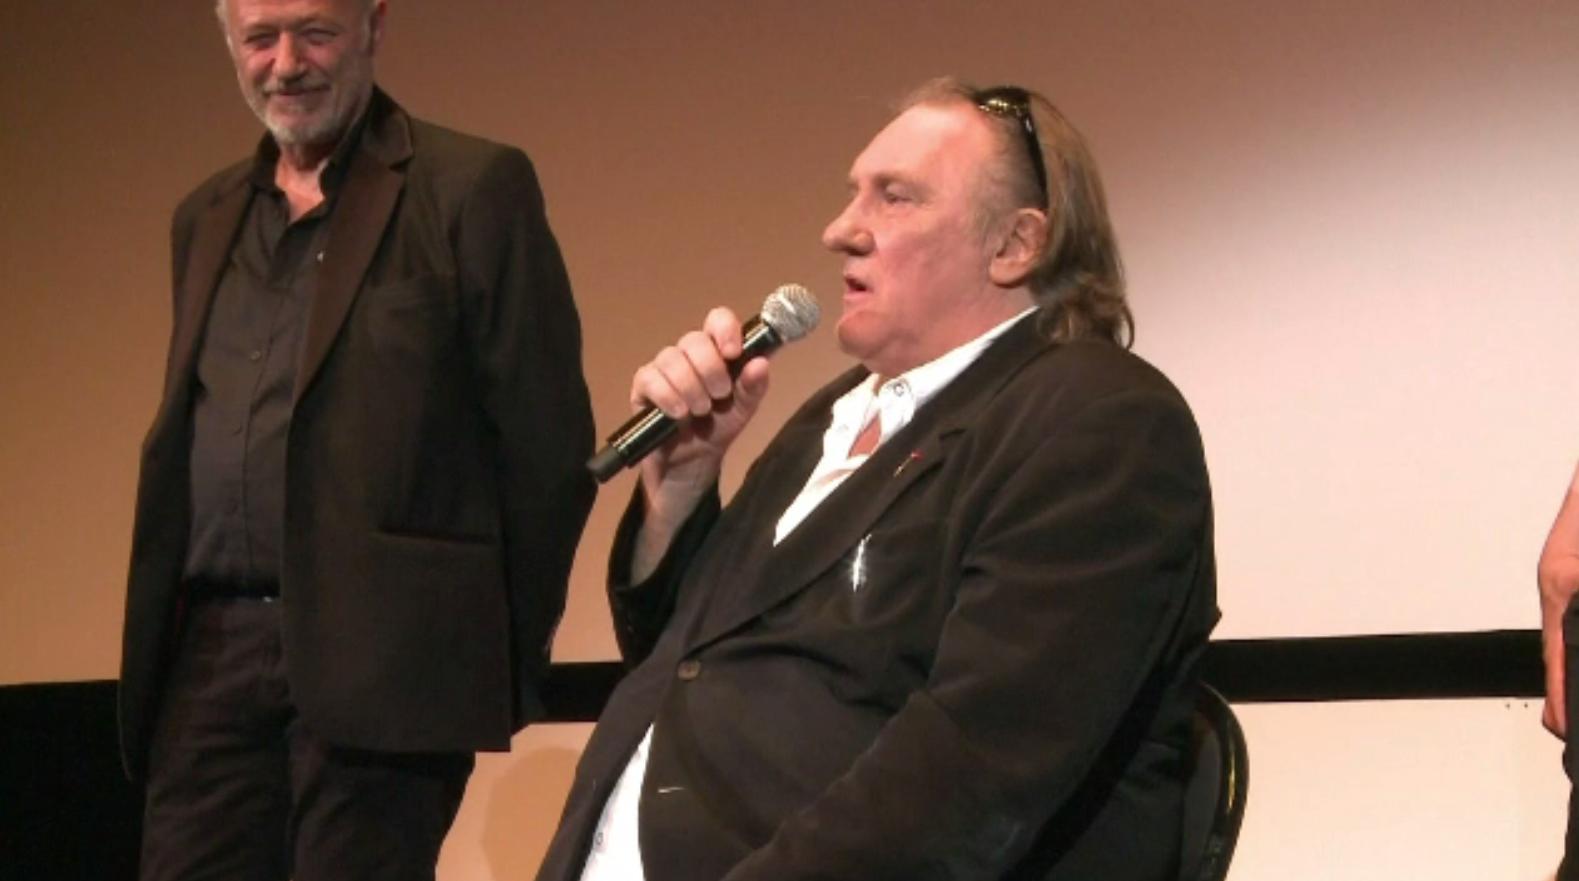 Tânăra care îl acuză pe Gerard Depardieu de viol și agresiune sexuală, o apropiată a actorului